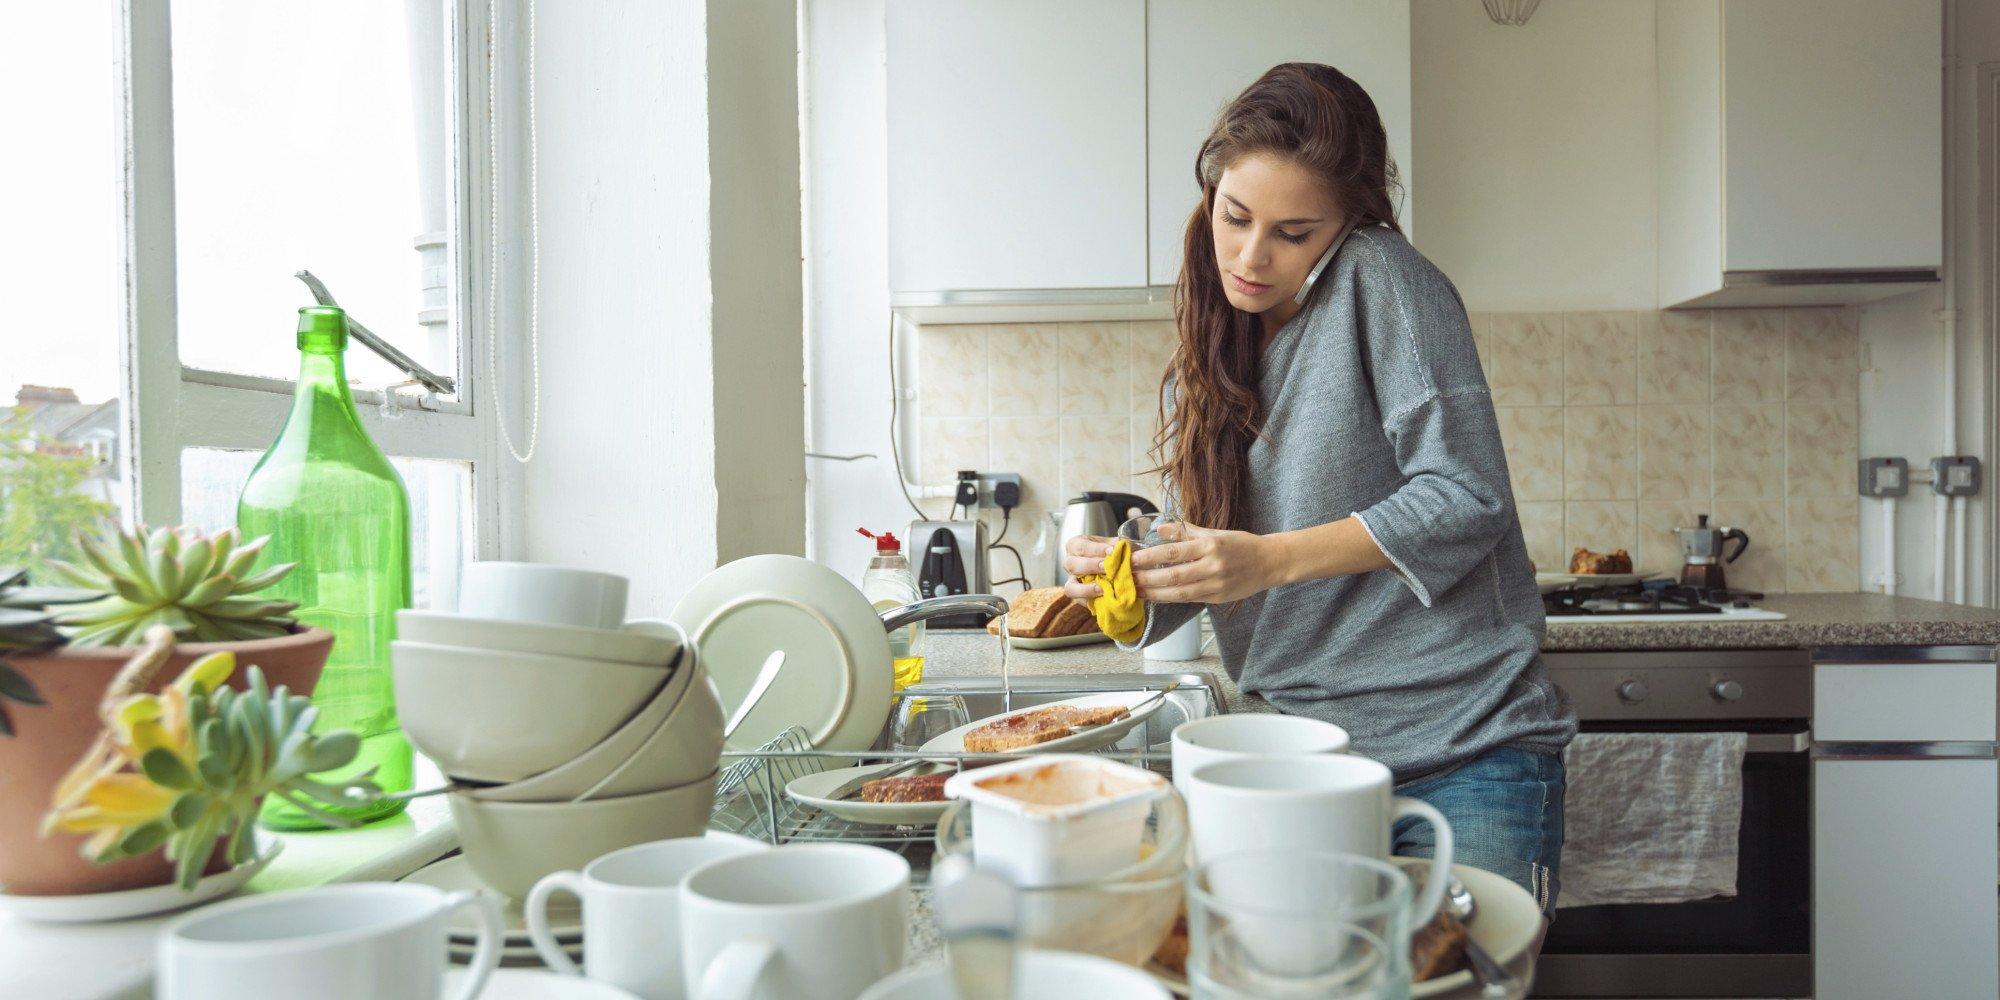 Как правильно мыть посуду из стекла чтобы она блестела